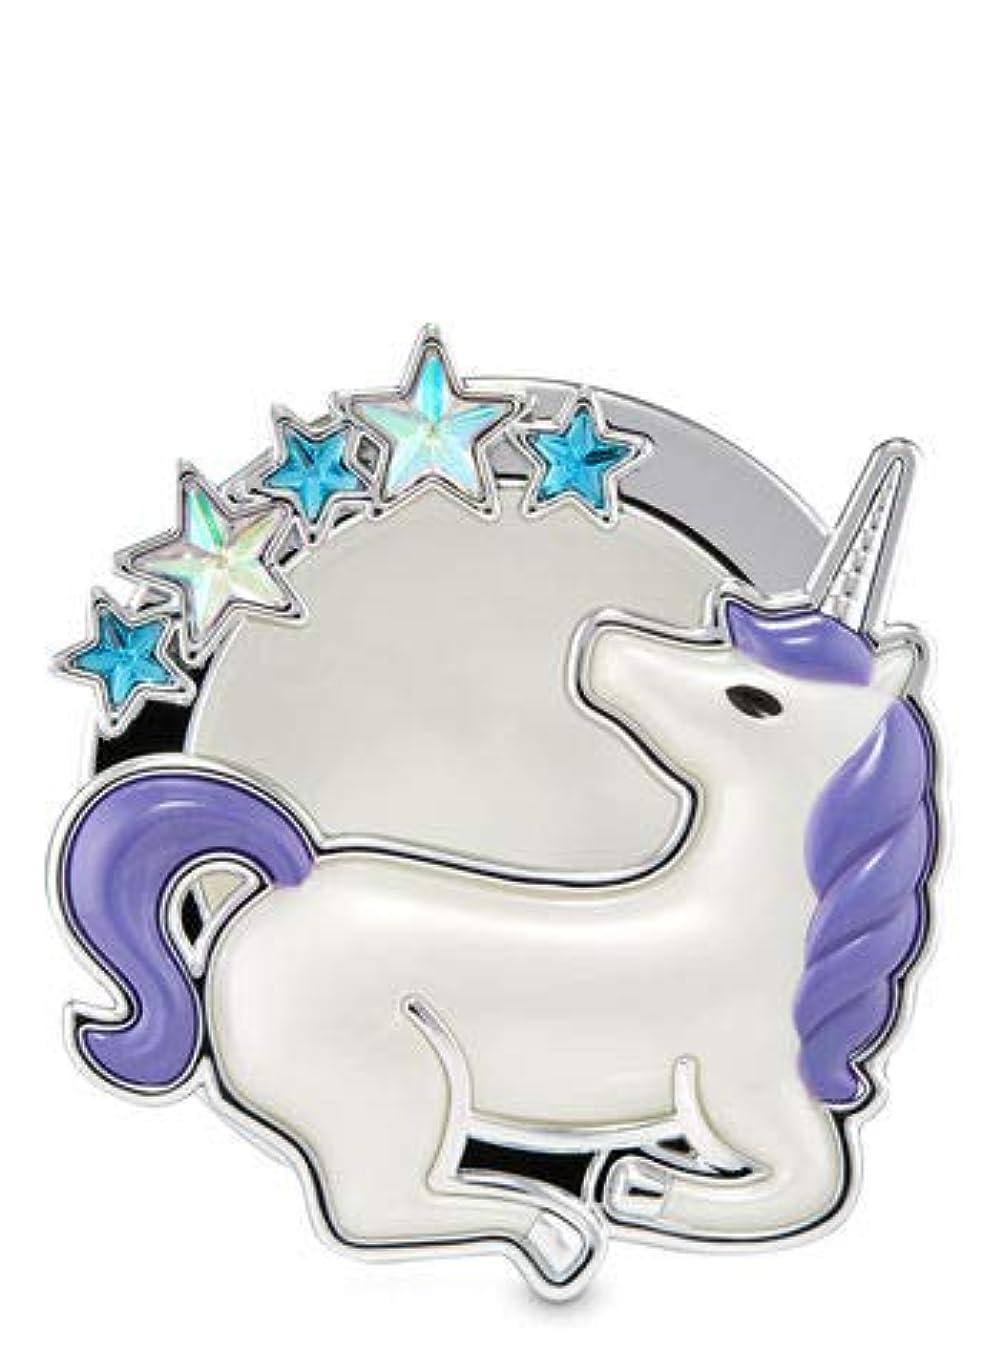 ぬるいわな打撃【Bath&Body Works/バス&ボディワークス】 クリップ式芳香剤 セントポータブル ホルダー (本体ケースのみ) スターゲイジングユニコーン Scentportable Holder Stargazing Unicorn [並行輸入品]